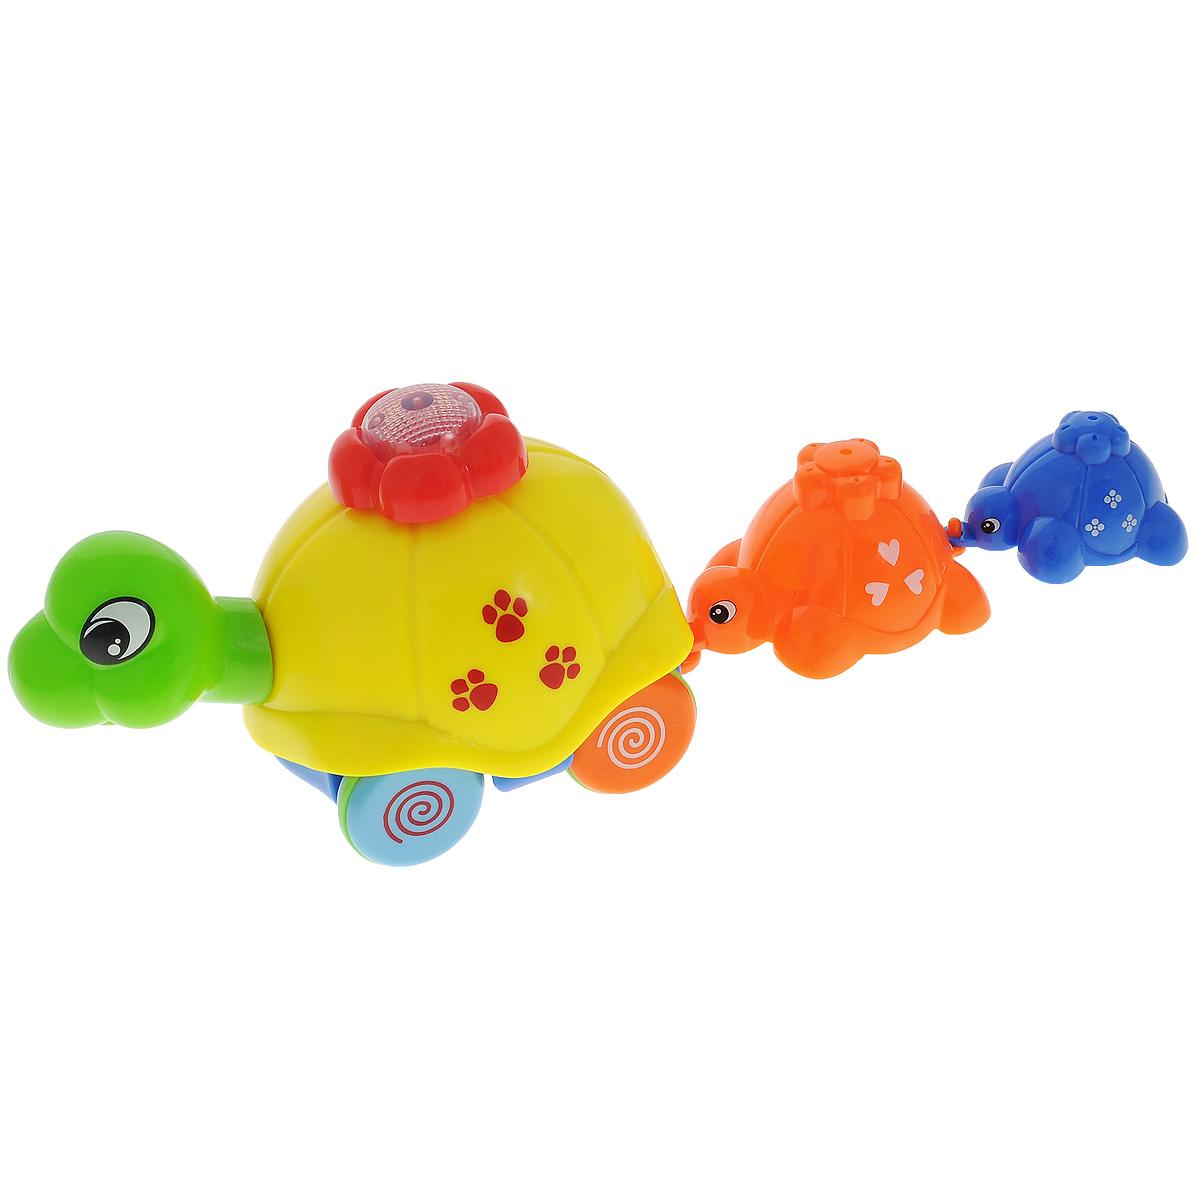 Купить Развивающая игрушка Малышарики Семья черепашек , со световыми и звуковыми эффектами, Concord Toys International Limited